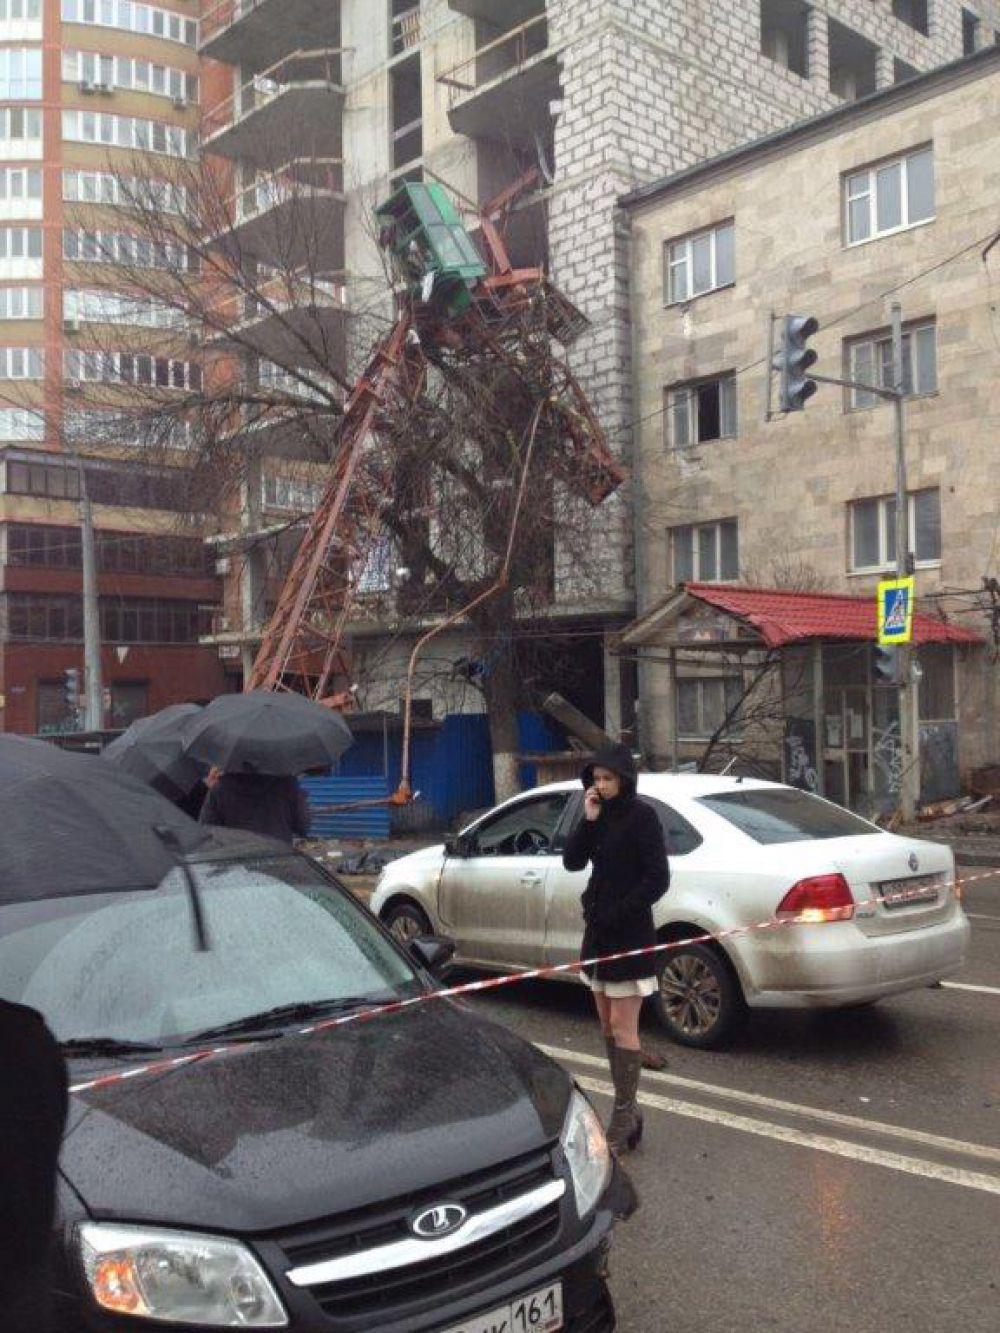 В настоящее время на месте происшествия работают следователи и криминалисты следственного управления СКР по Ростовской области.